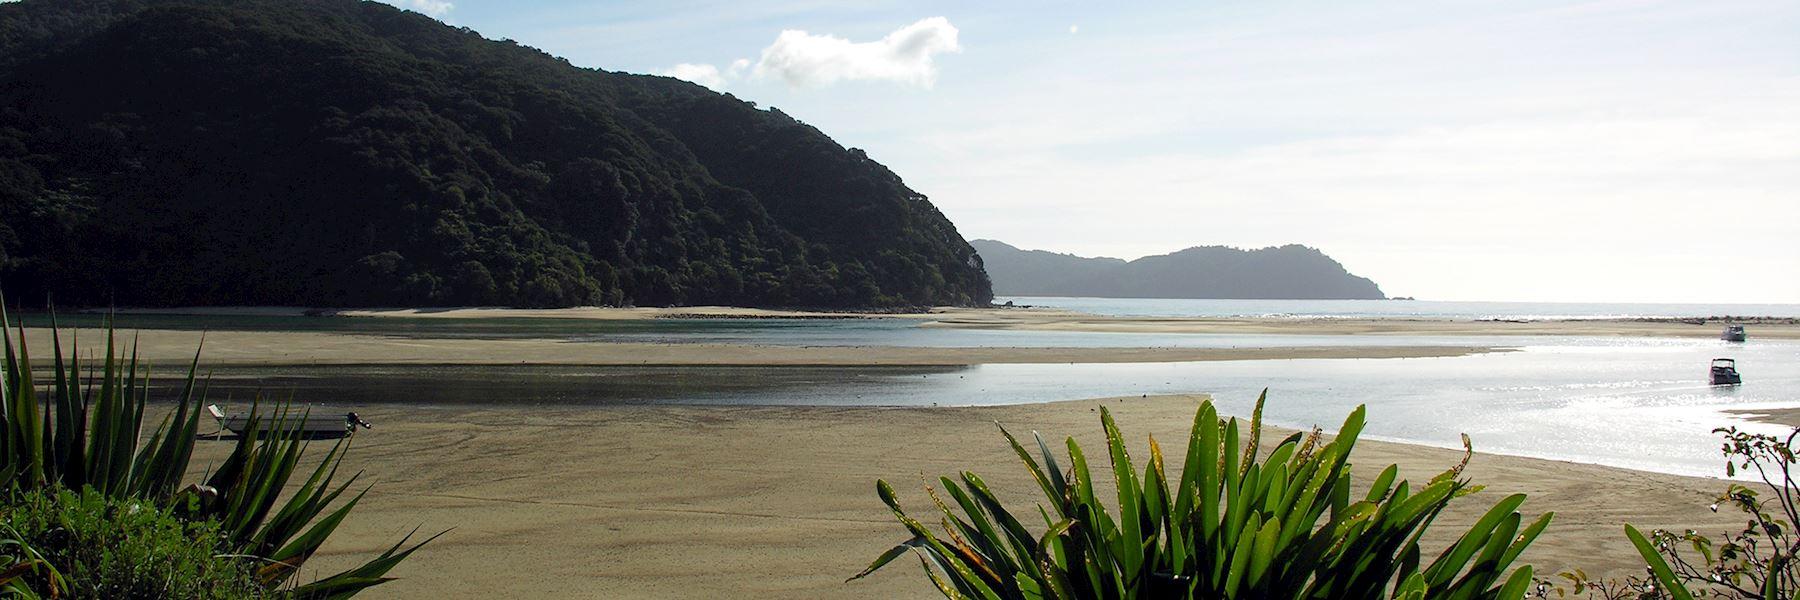 Visit Abel Tasman National Park, New Zealand